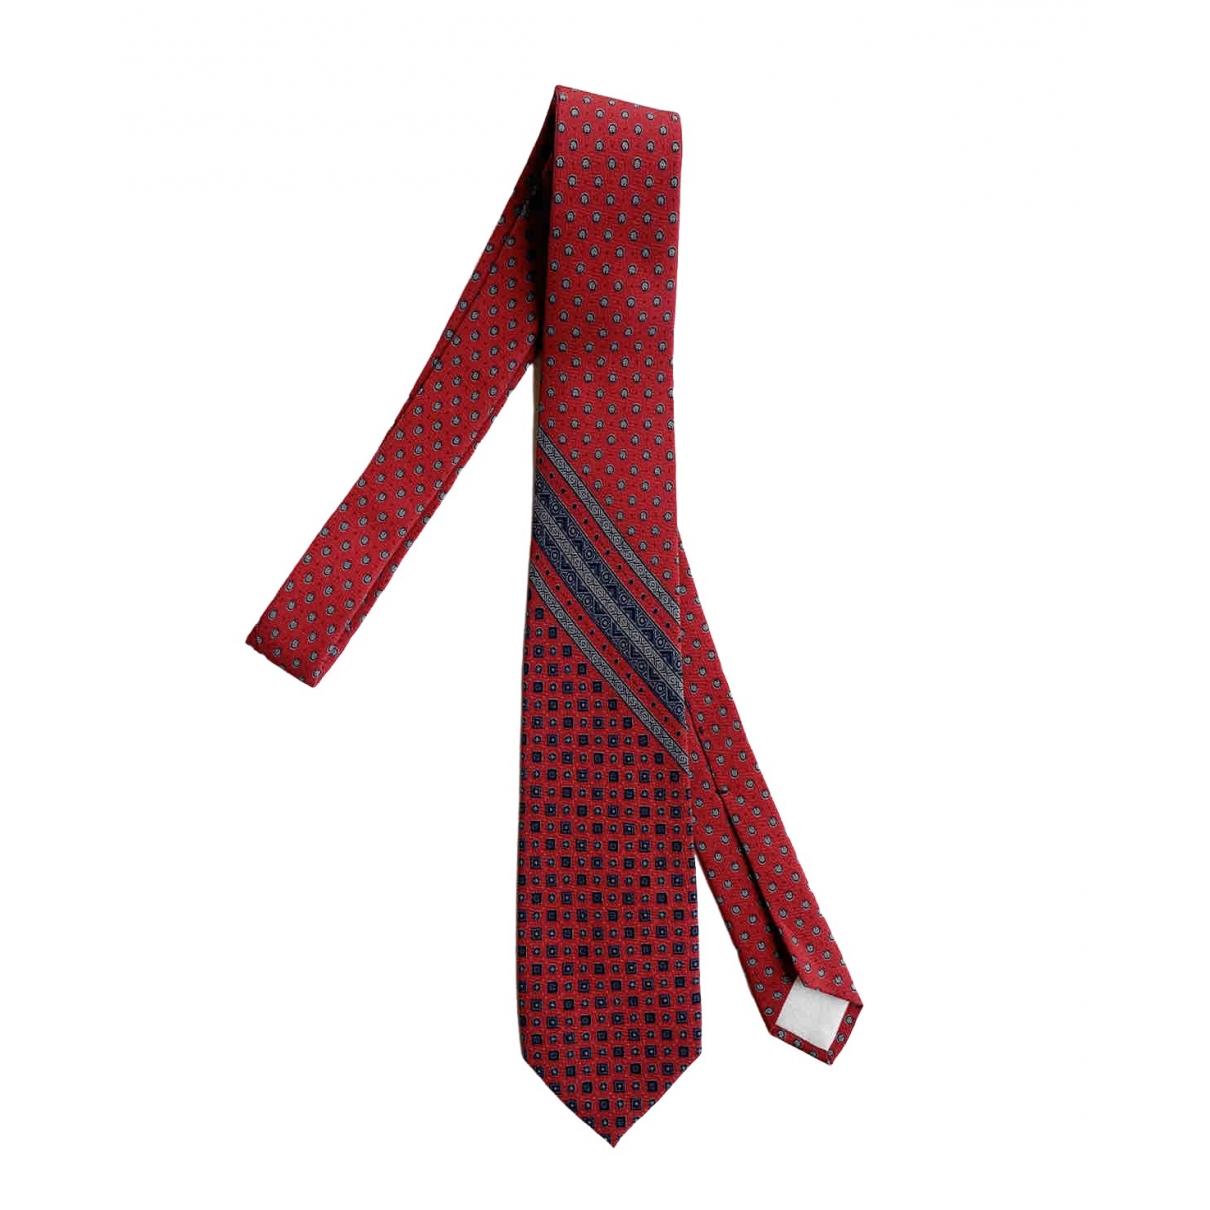 Yves Saint Laurent - Cravates   pour homme en soie - rouge